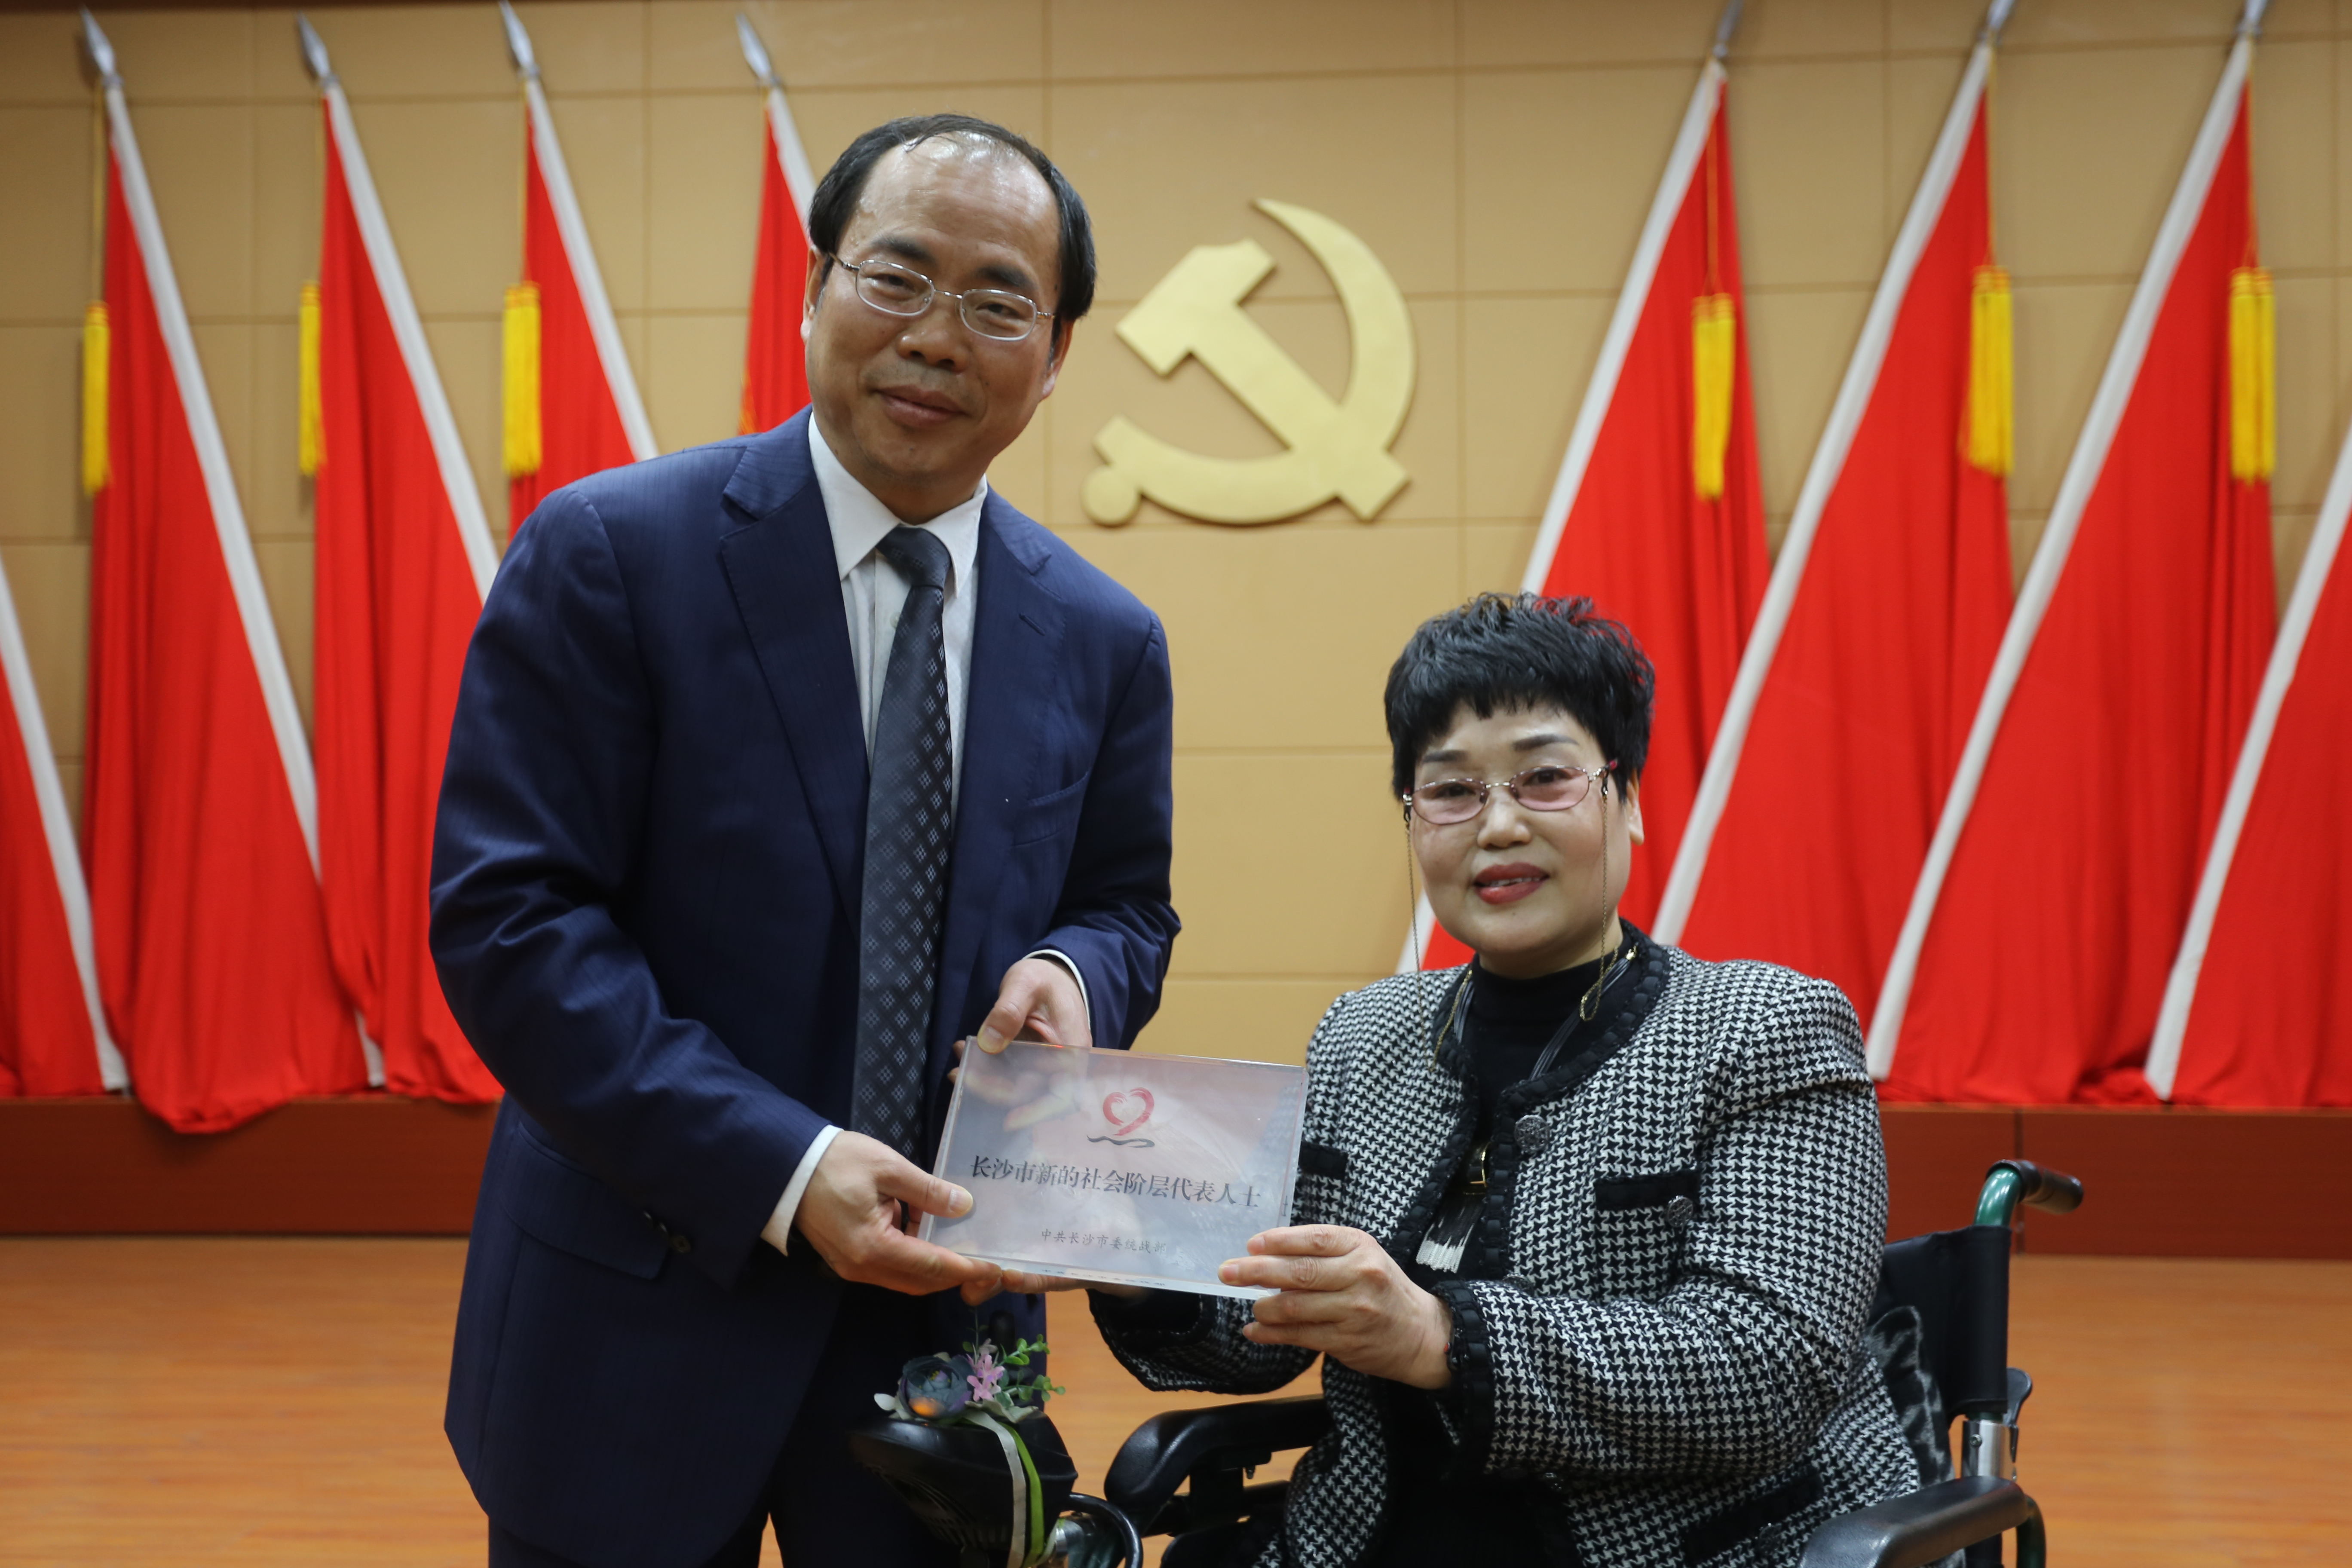 2019年4月,长沙市委统战部为新阶层代表人士颁发奖杯。